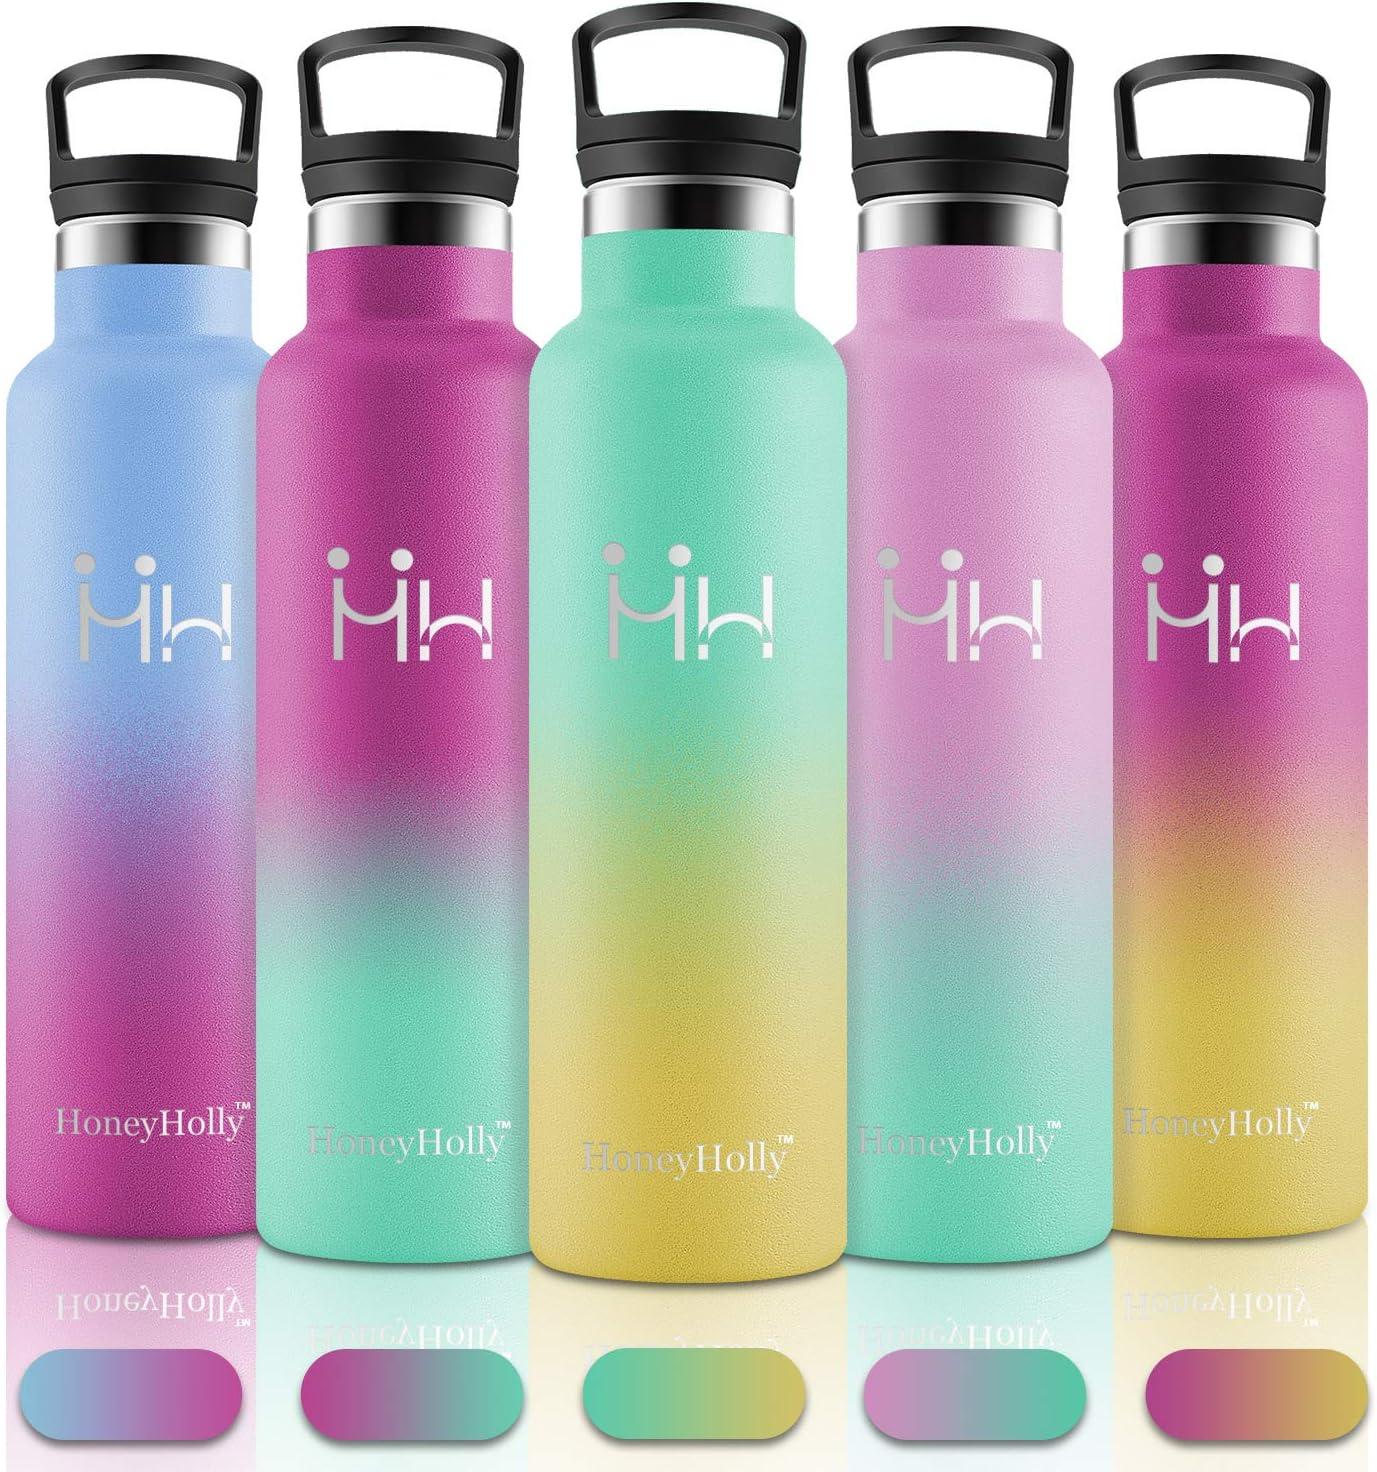 HoneyHolly Botella de Agua de Acero Inoxidable sin bpa Botellas 750ML diseño de pared doble Botella, Termica con Pajita y Filtro, para Niños & Adultos, Deporte, Oficina